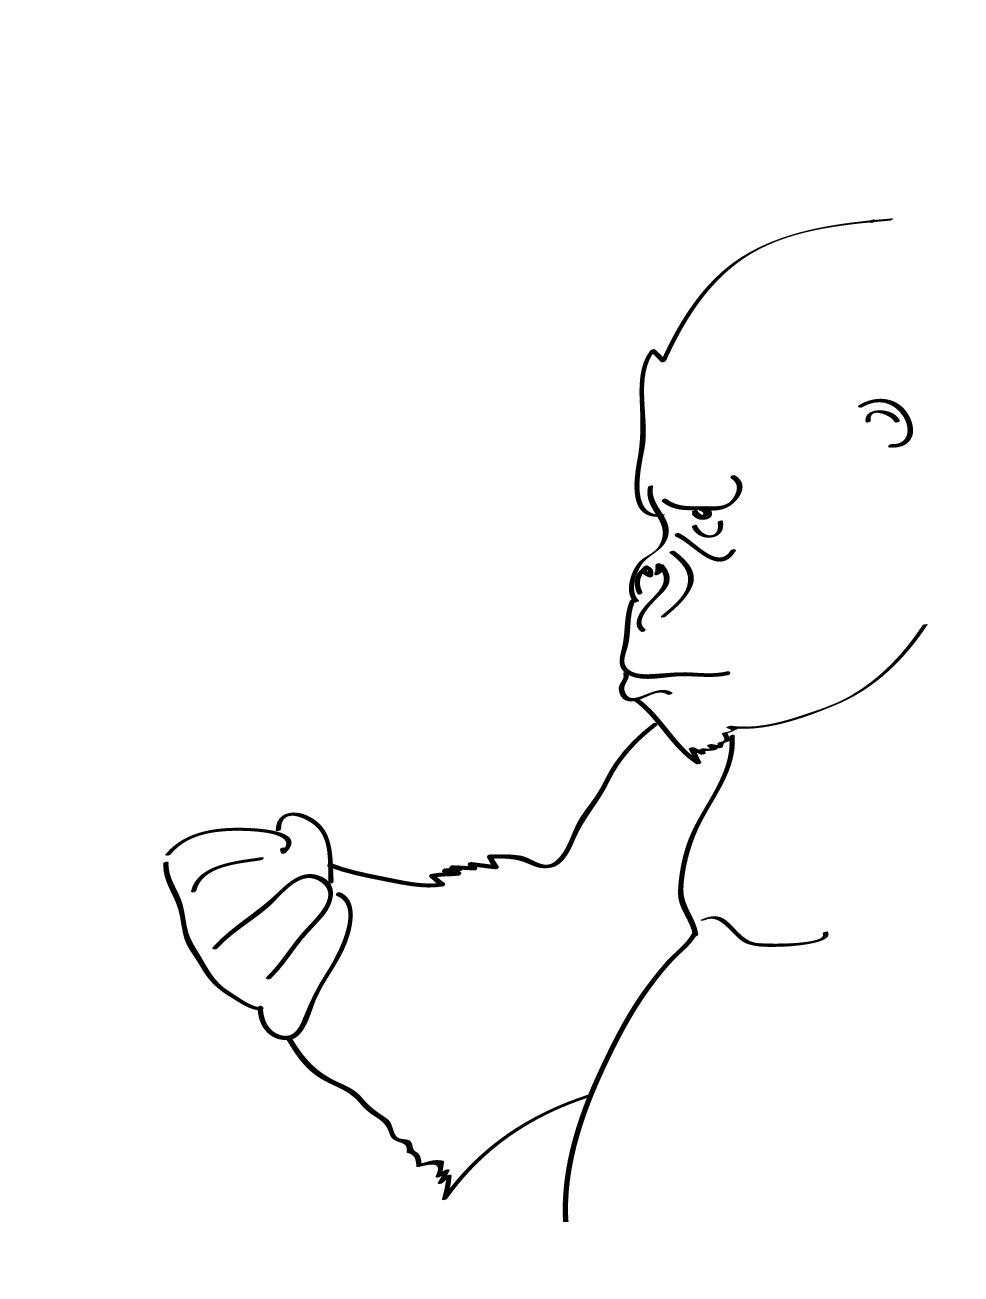 Дорисовать рисунок смешной